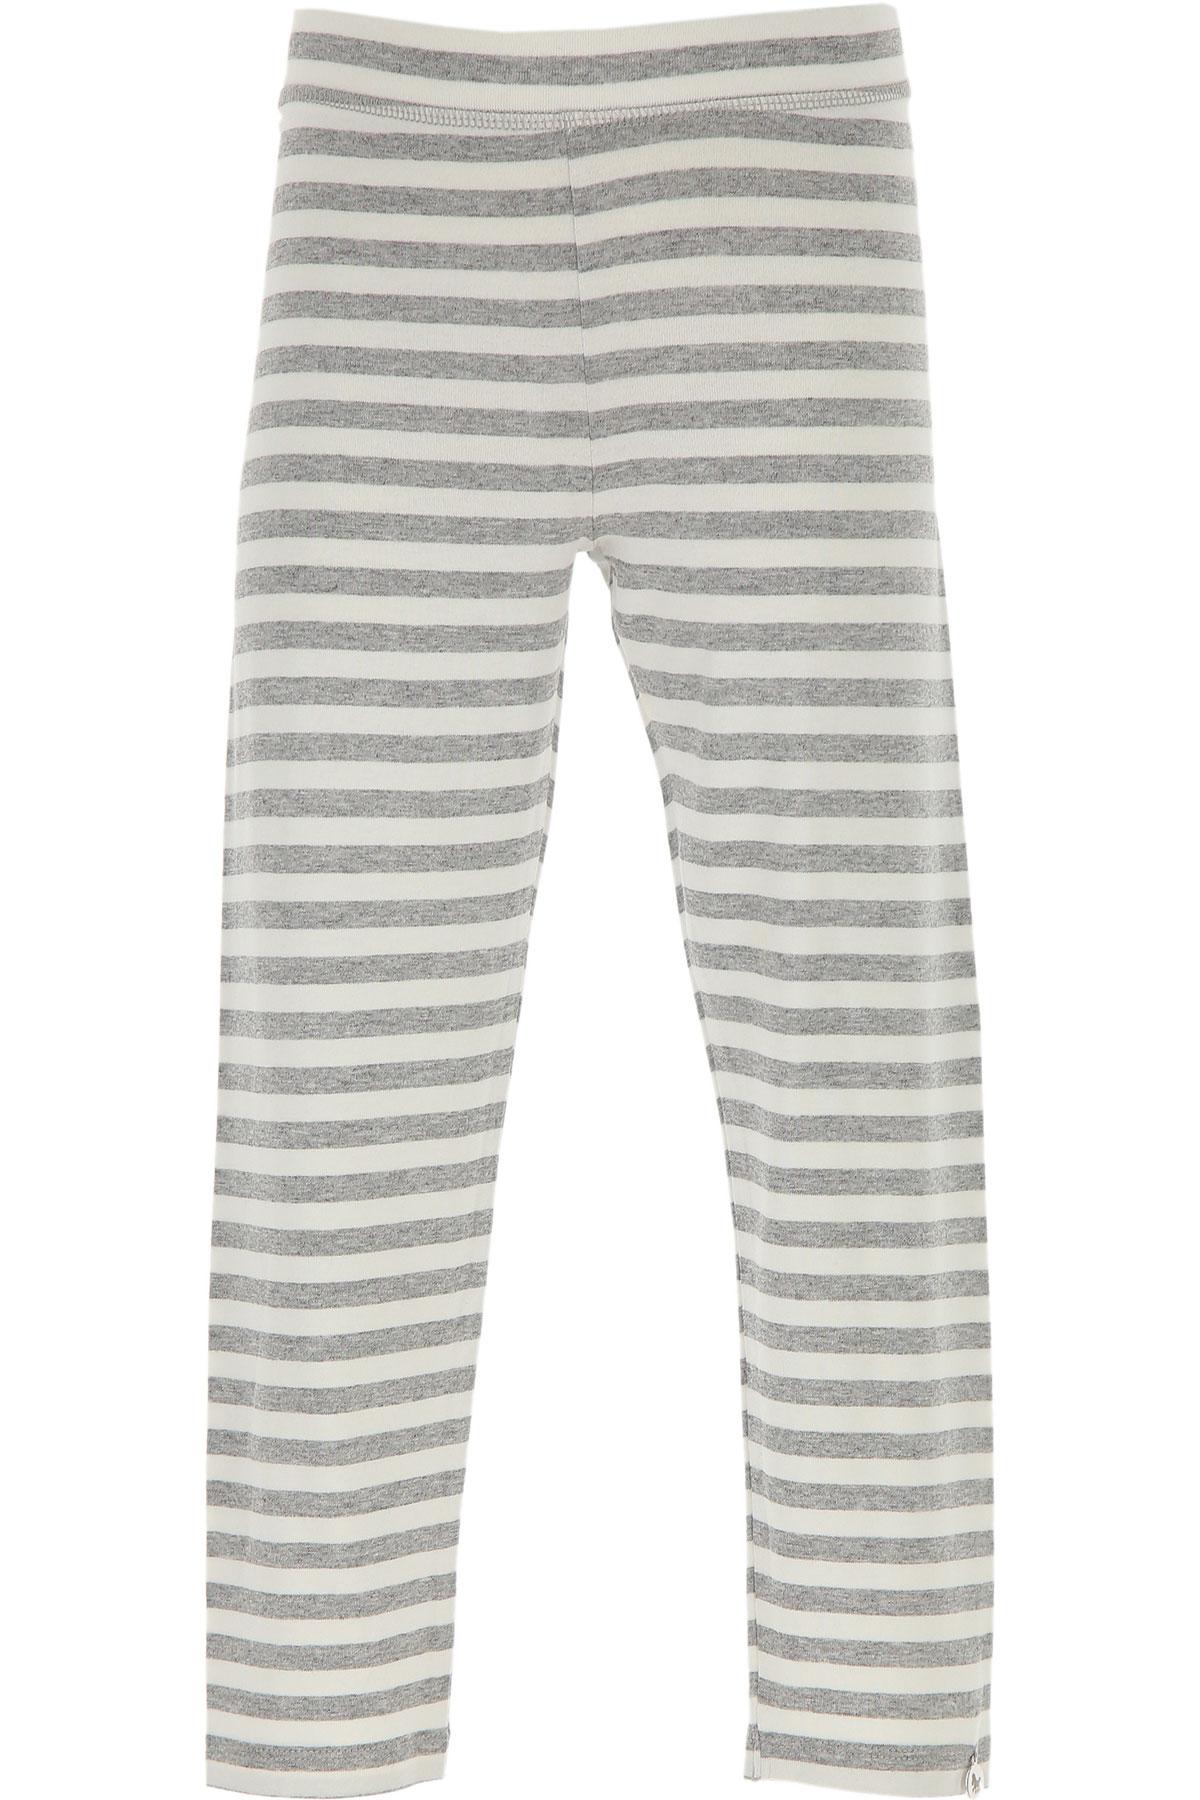 Lu - Lu Pantalons Enfant pour Fille Pas cher en Soldes Outlet, Blanc, Viscose, 2019, M XXL